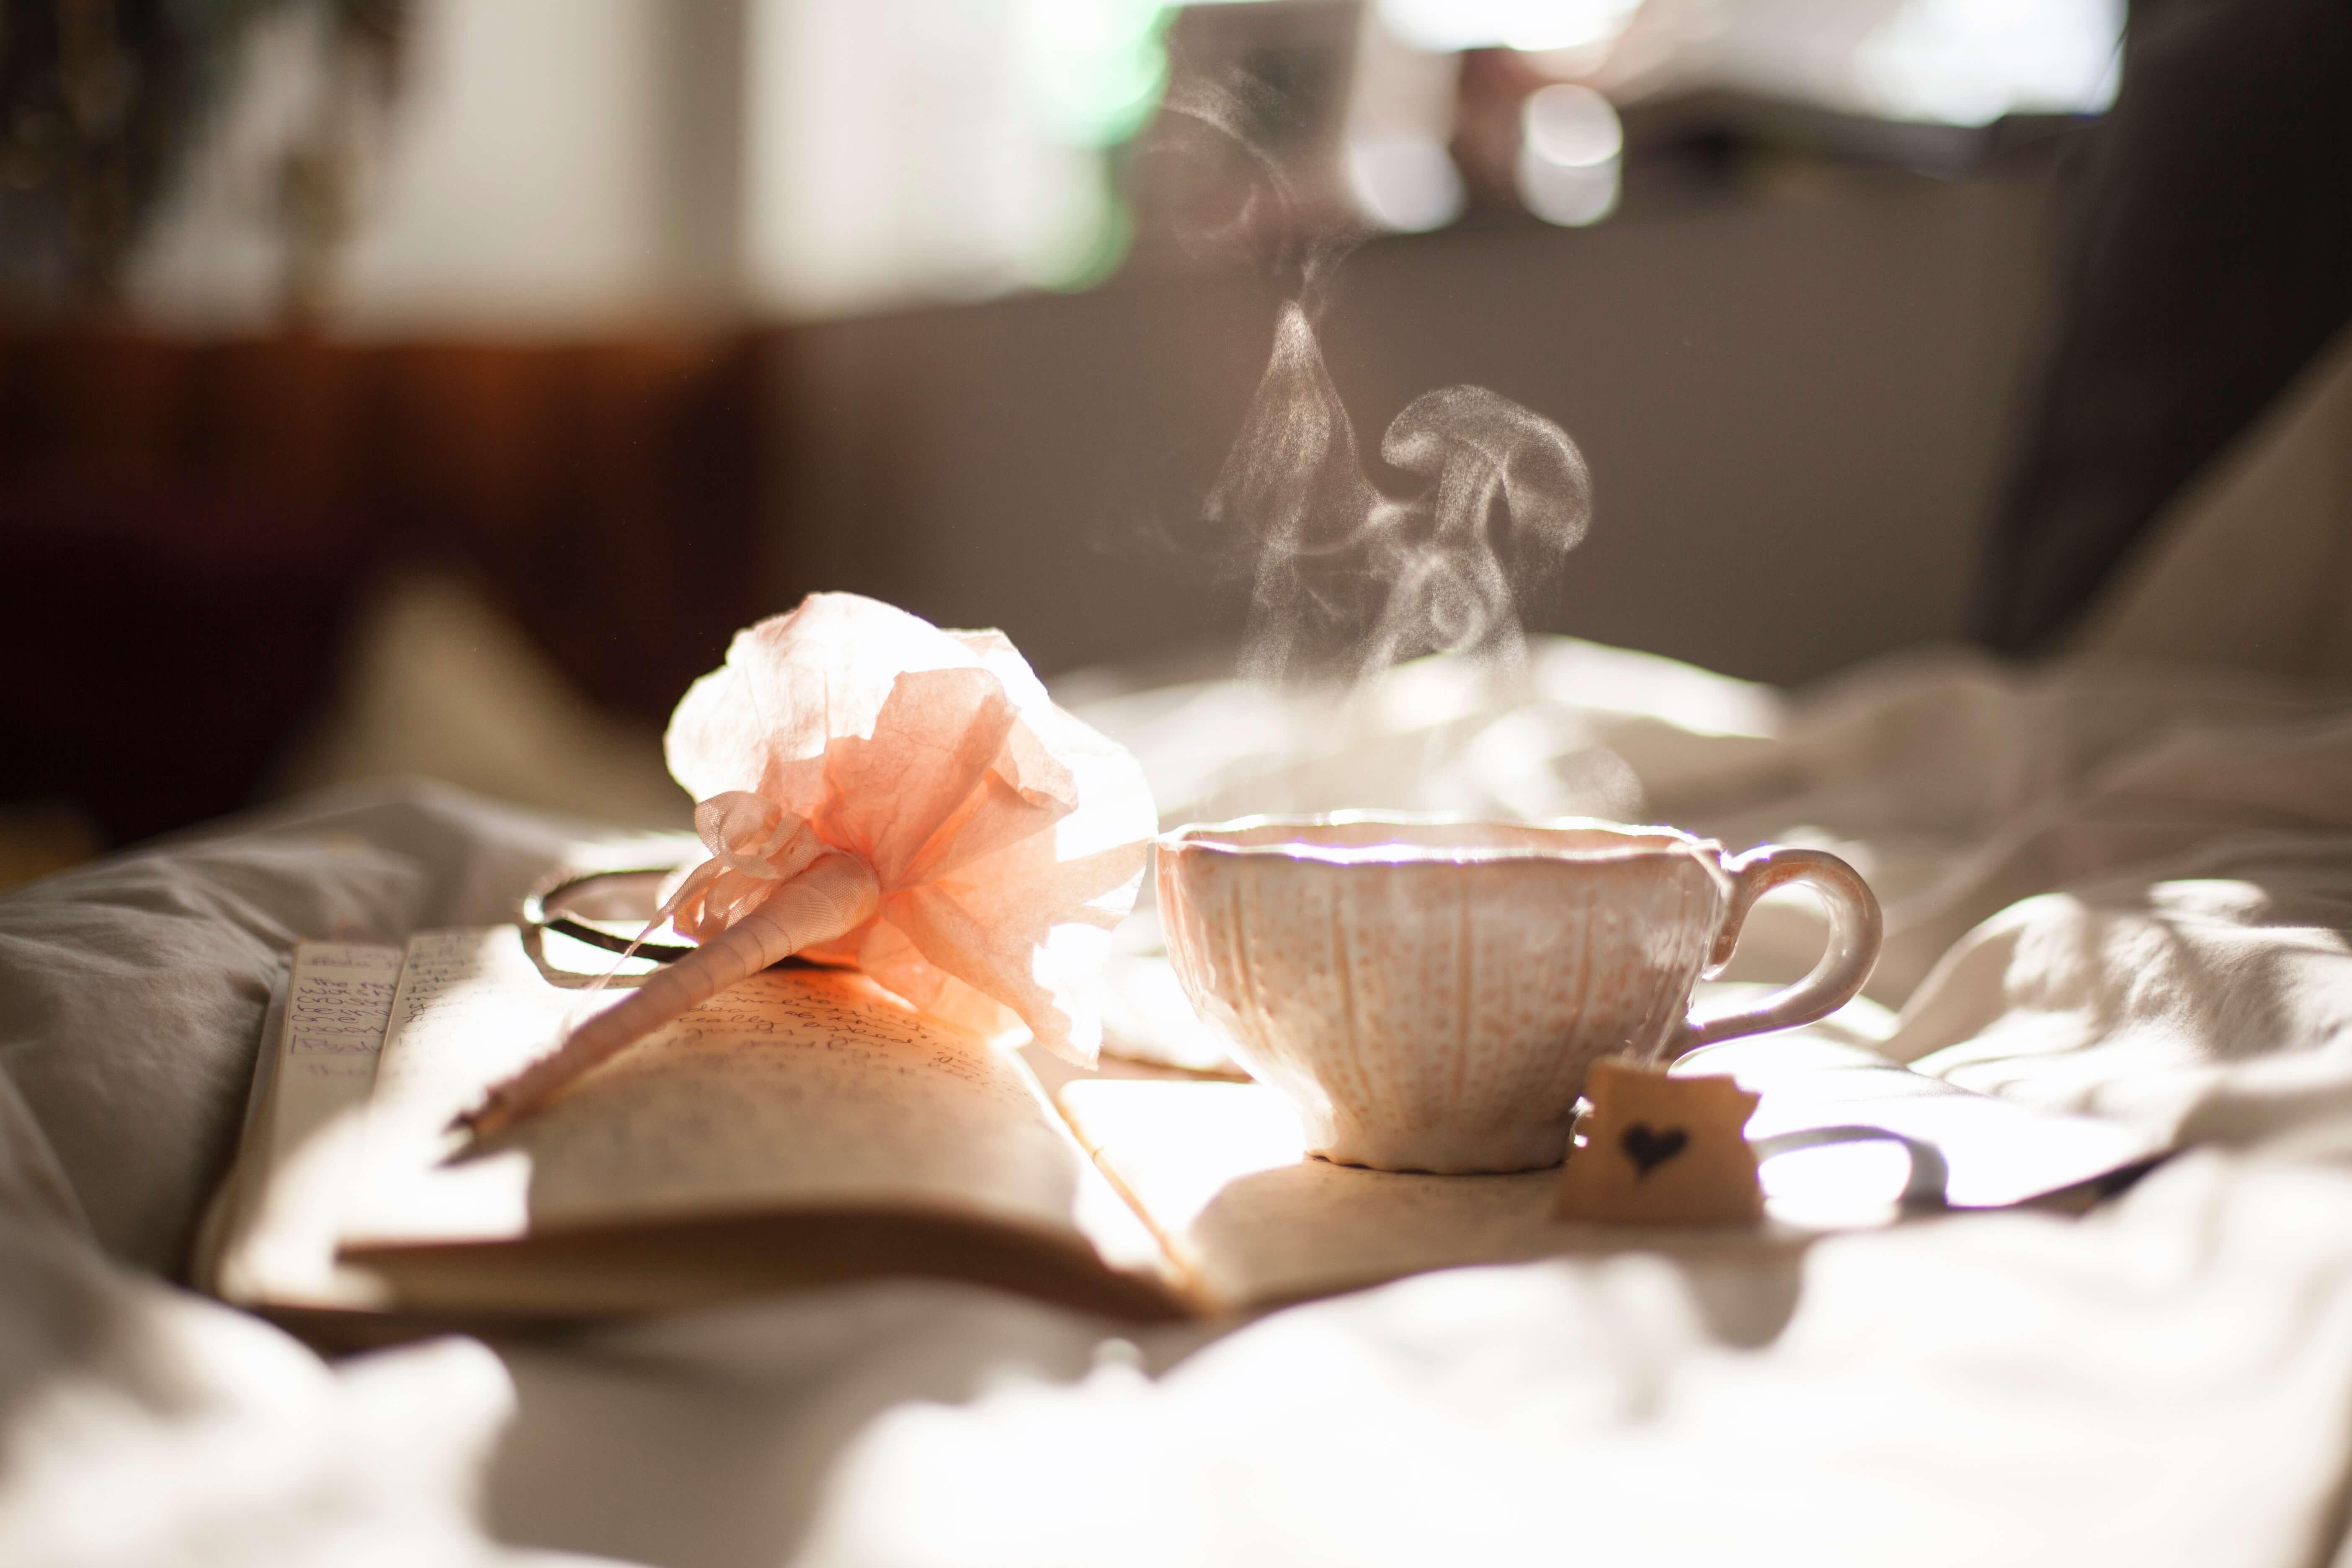 Rano buđenje ima više prednosti: 25 stvari koje ćete sigurno stići obaviti